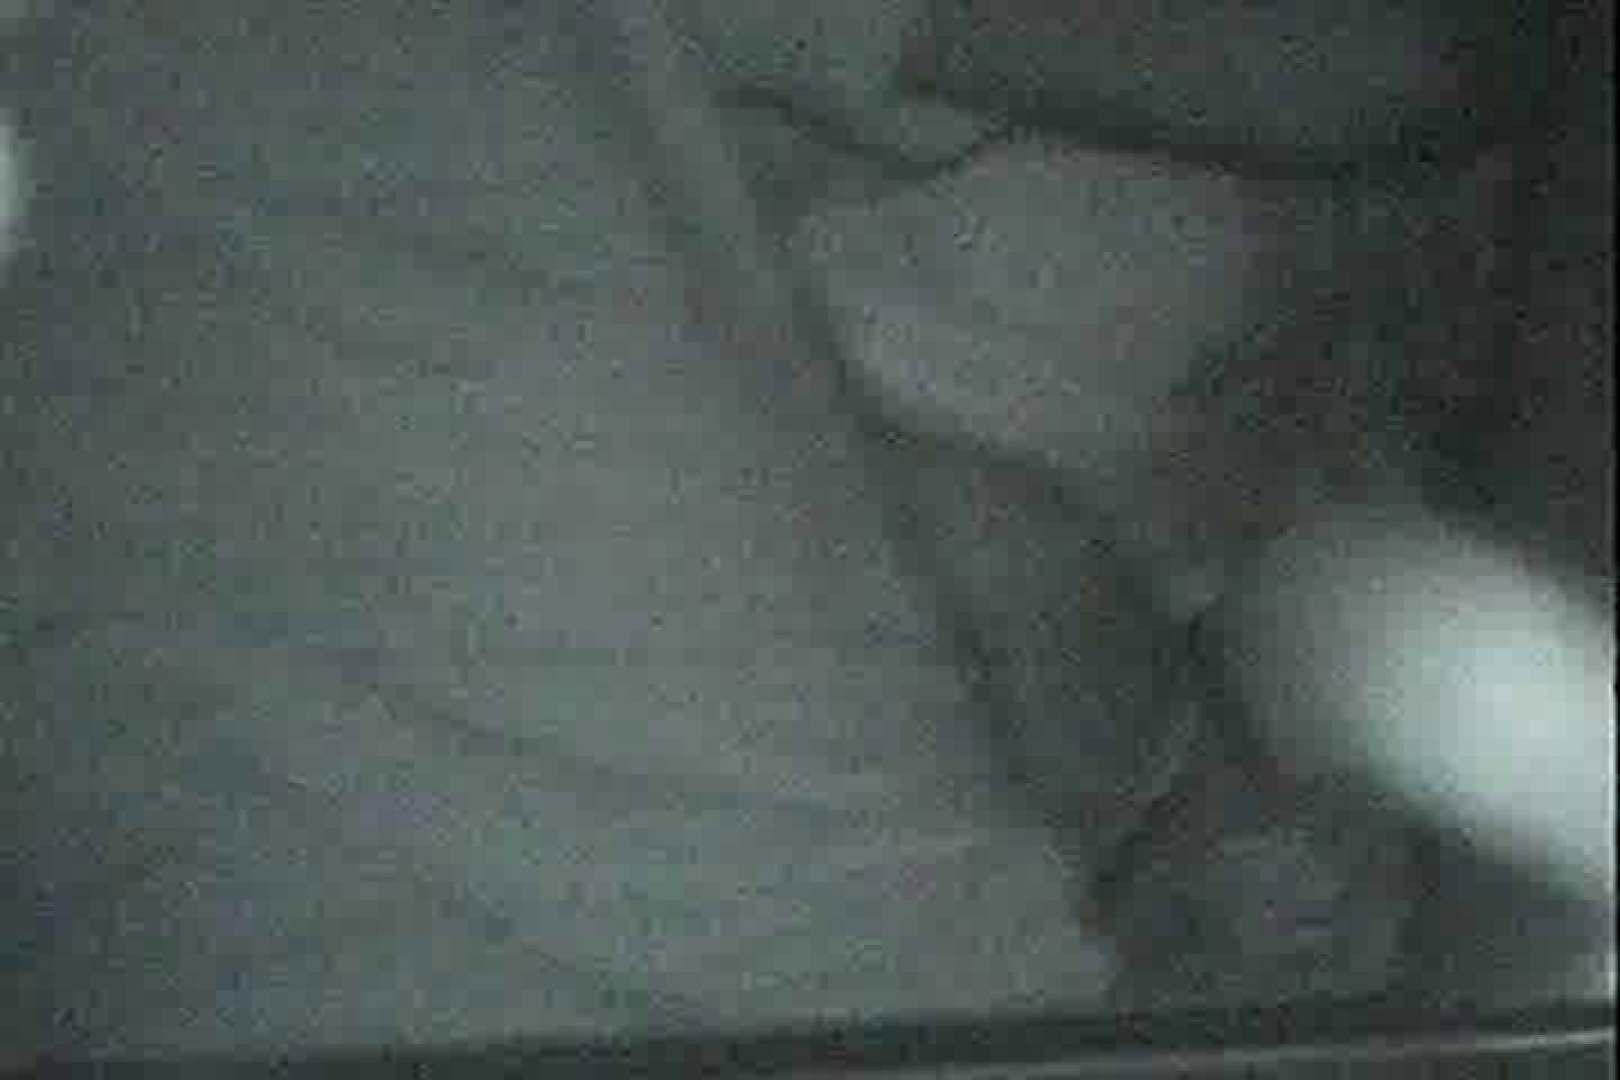 充血監督の深夜の運動会Vol.41 ギャル のぞき動画画像 103PIX 66